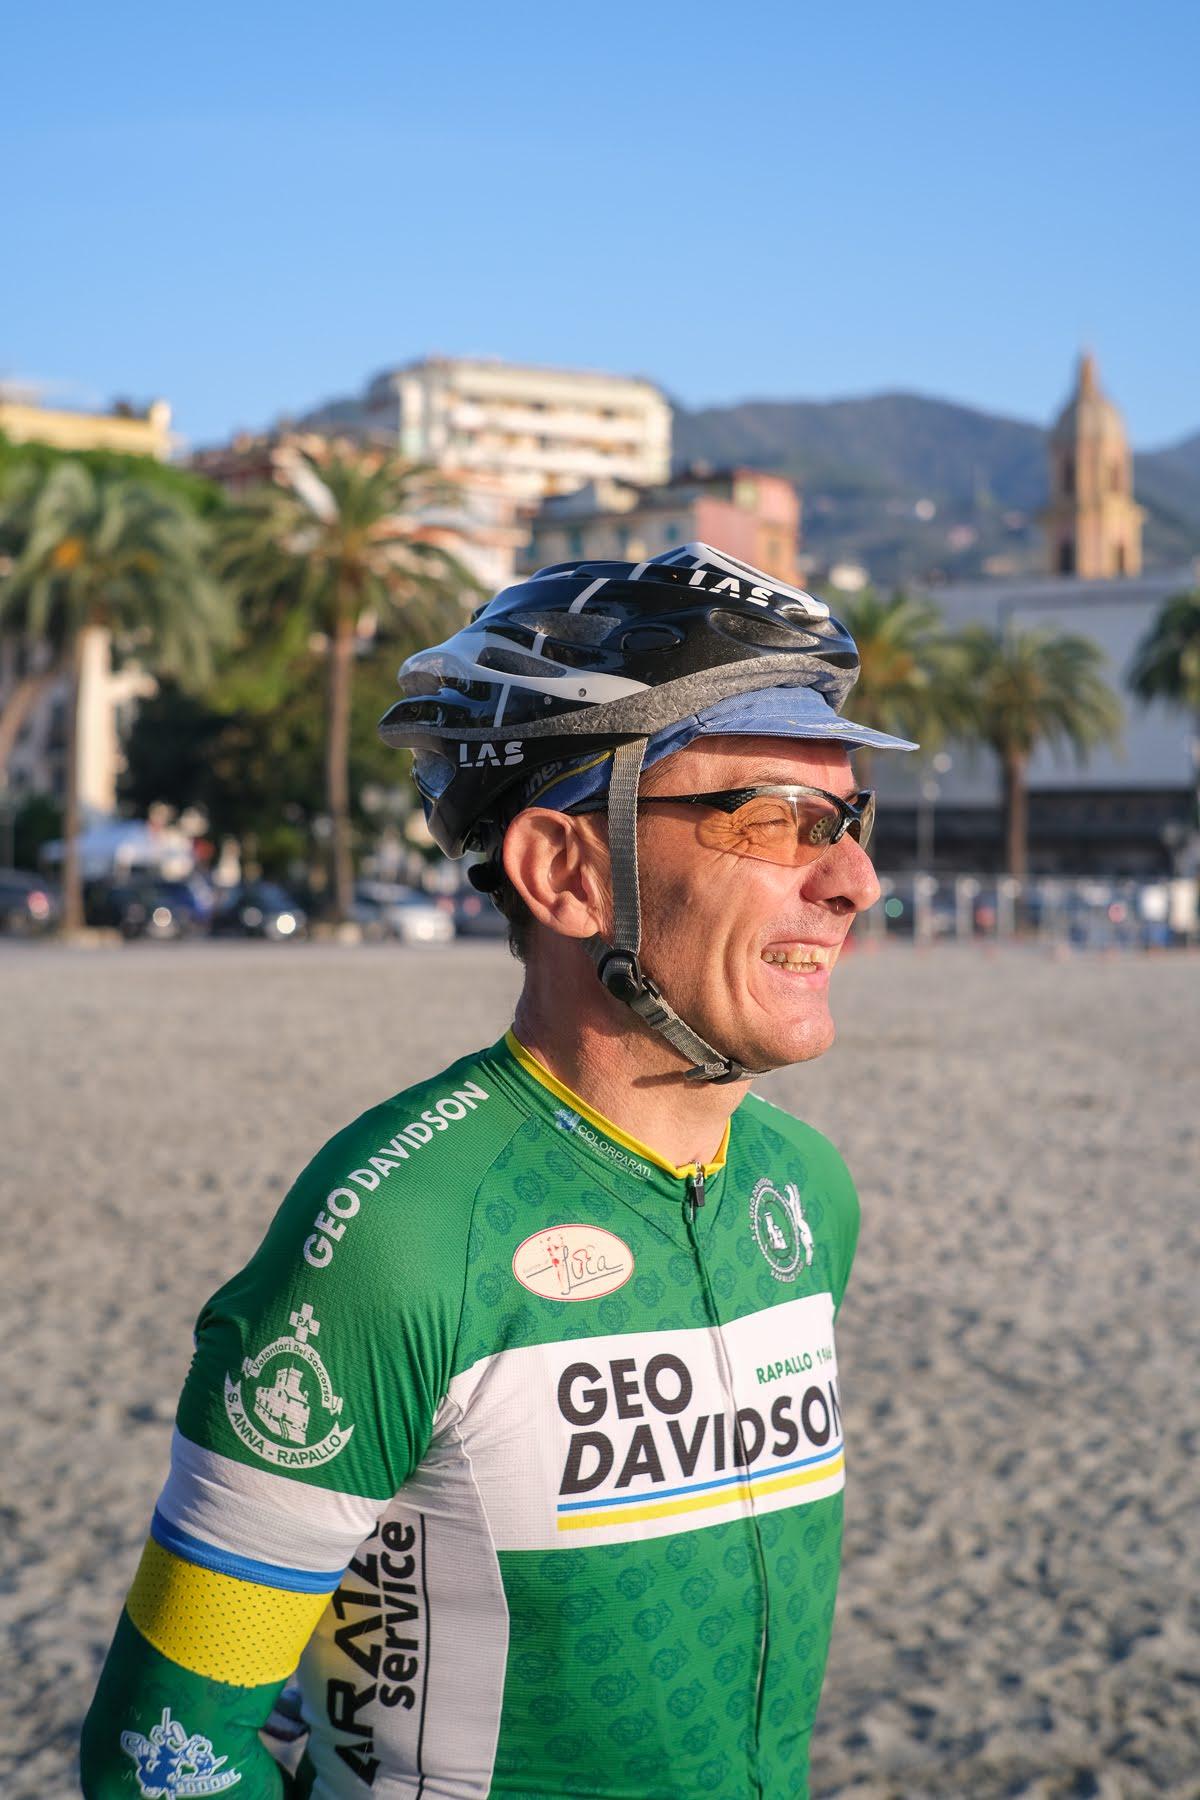 Marco Gardella